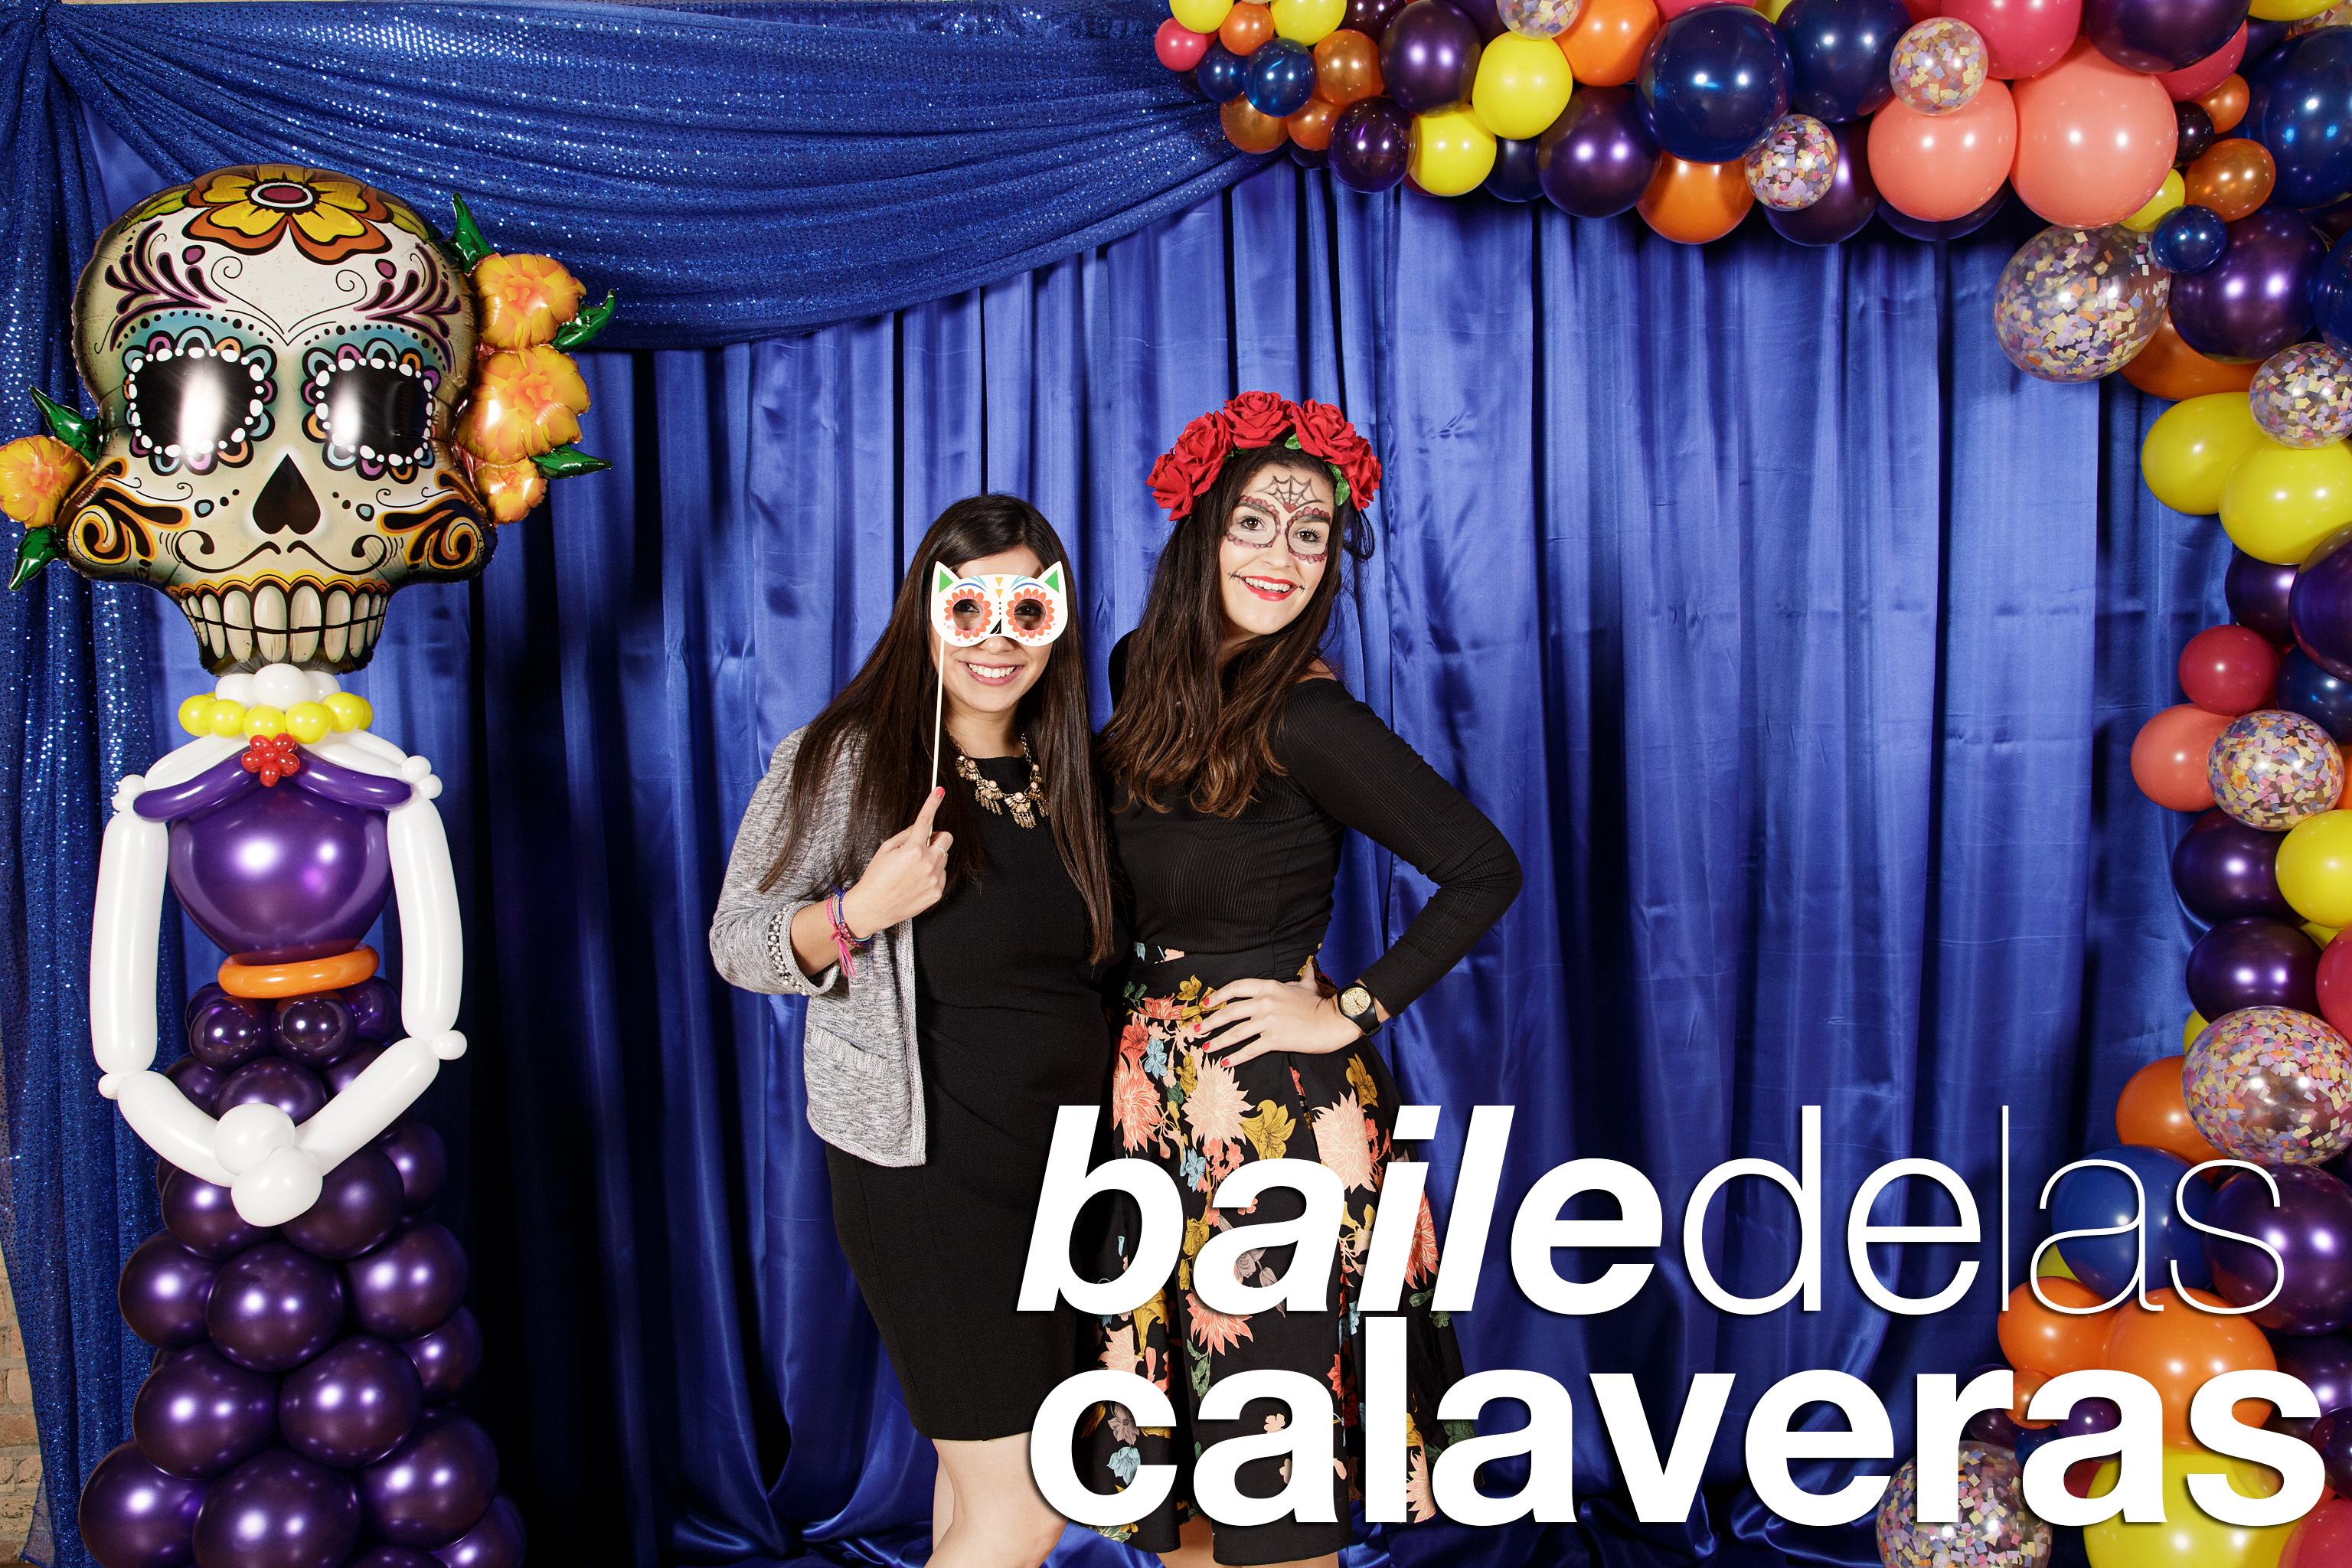 portrait booth photos from baile de las calaveras at skyline lofts, october 2017